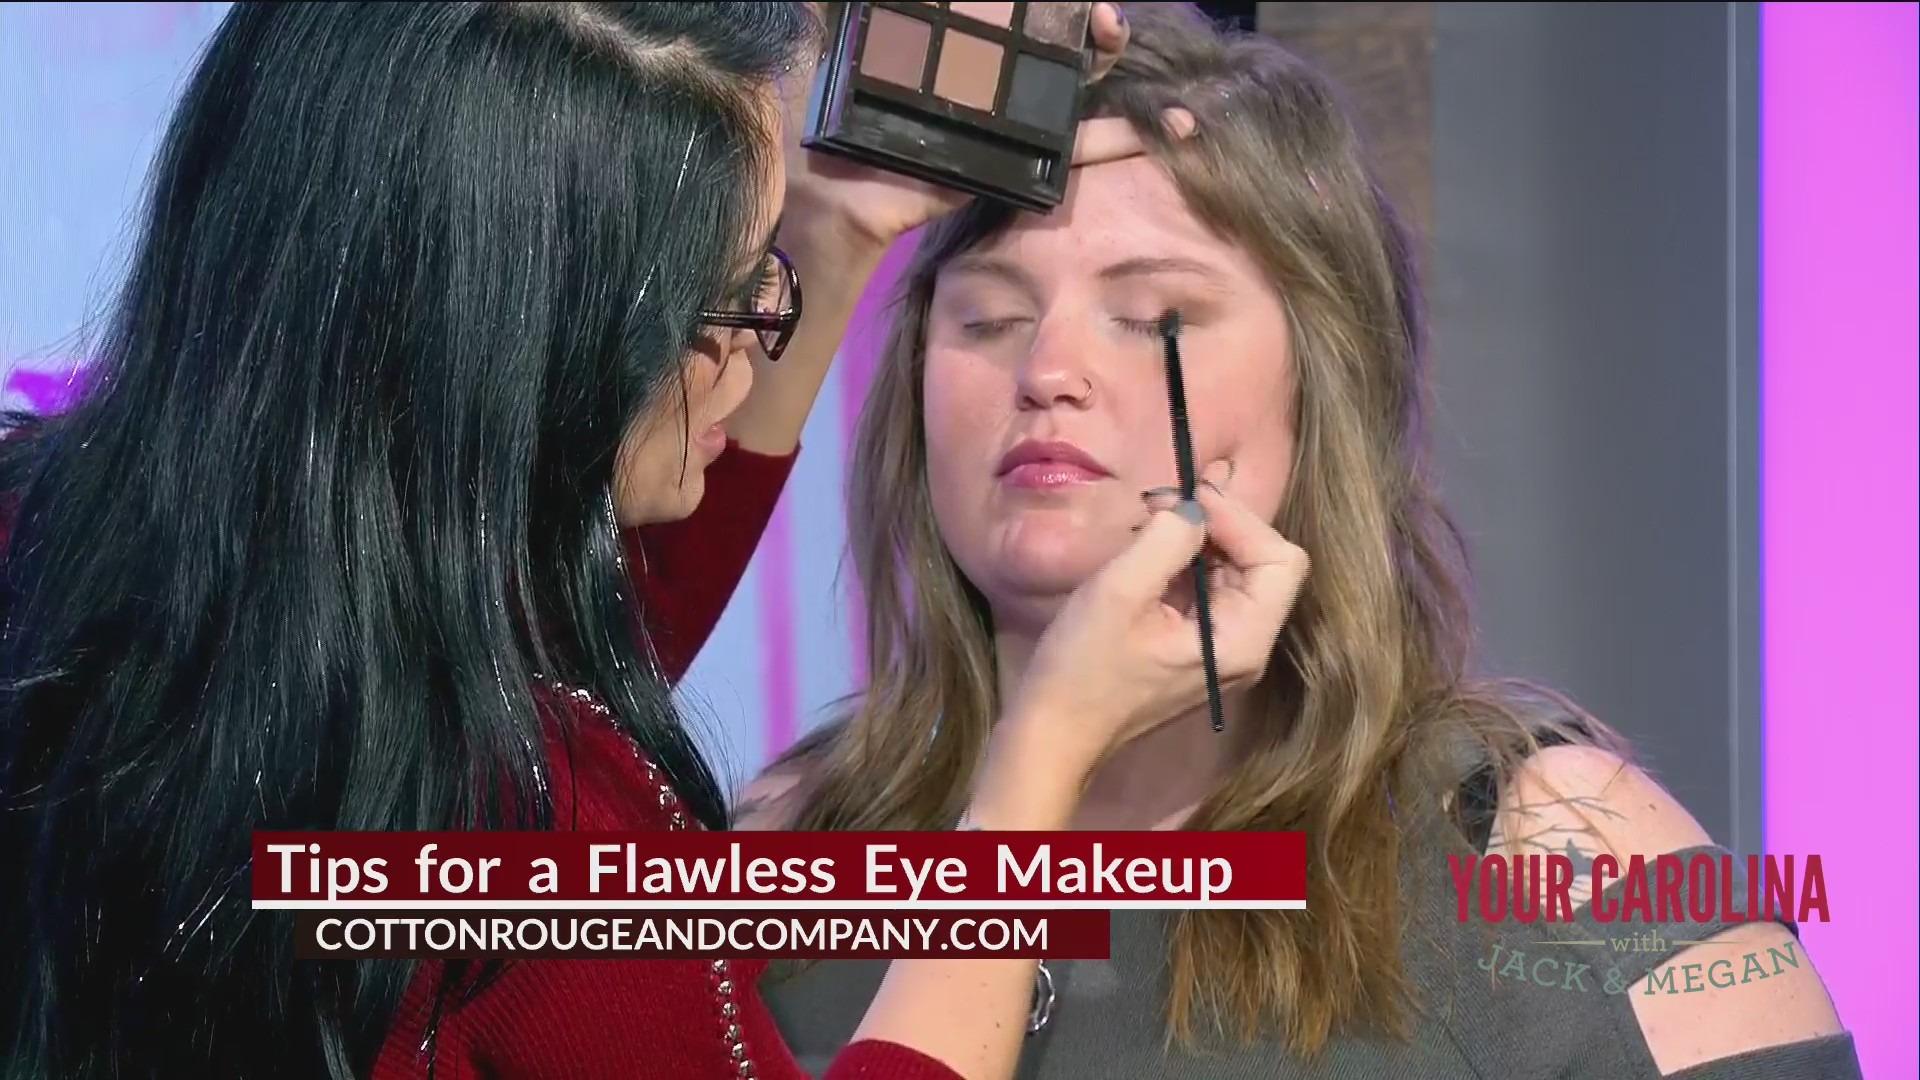 Work It Wednesday - Flawless Eye Makeup